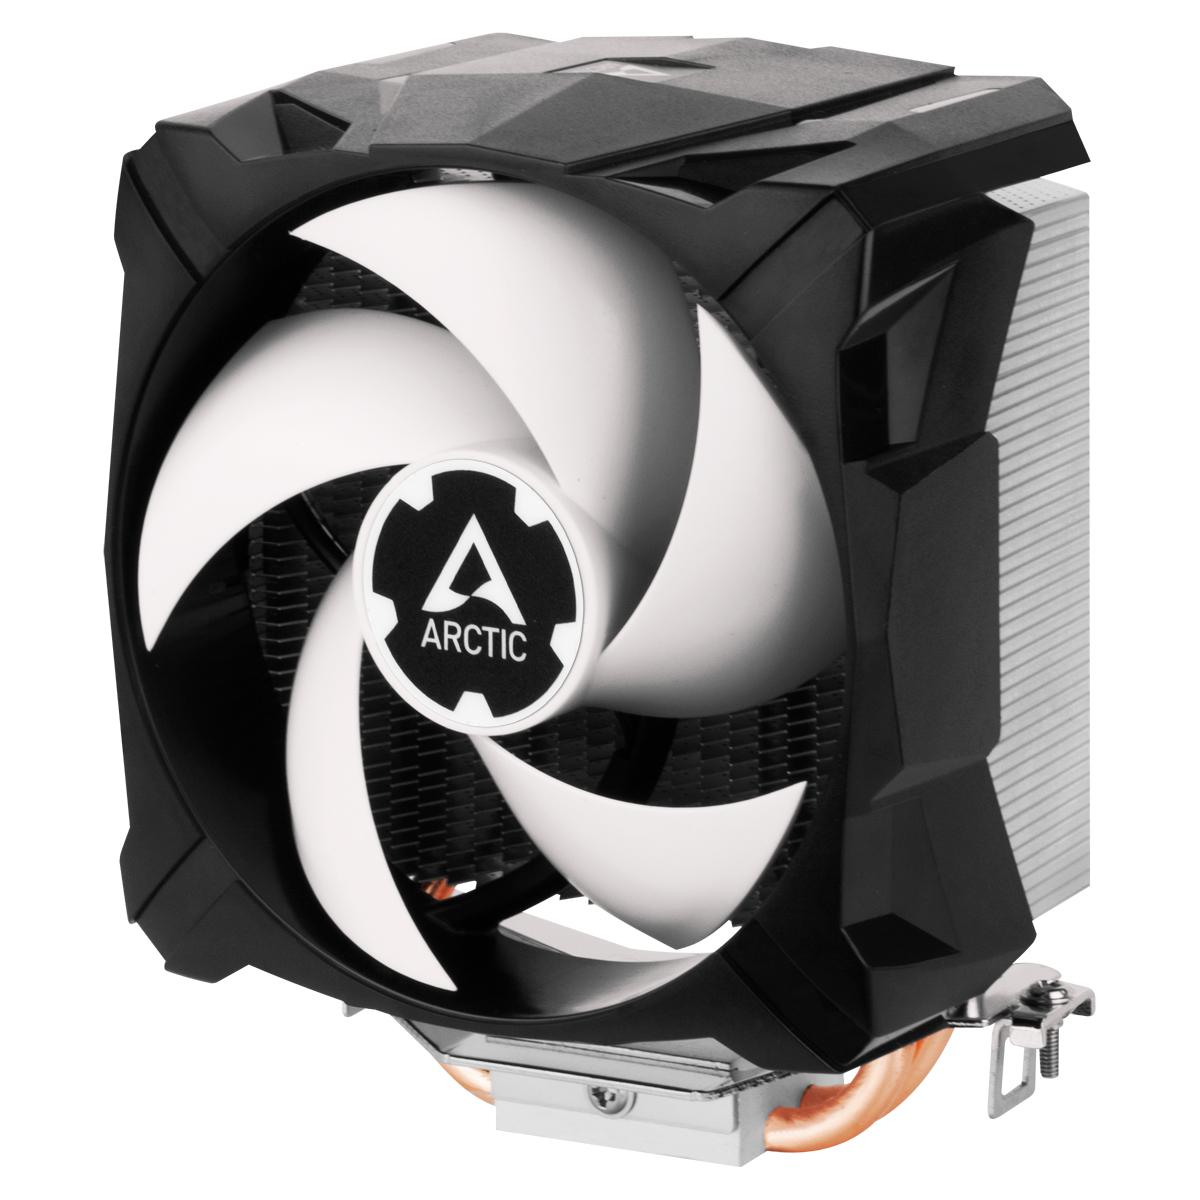 Cooler a Ar Freezer 7 X - ARCTIC